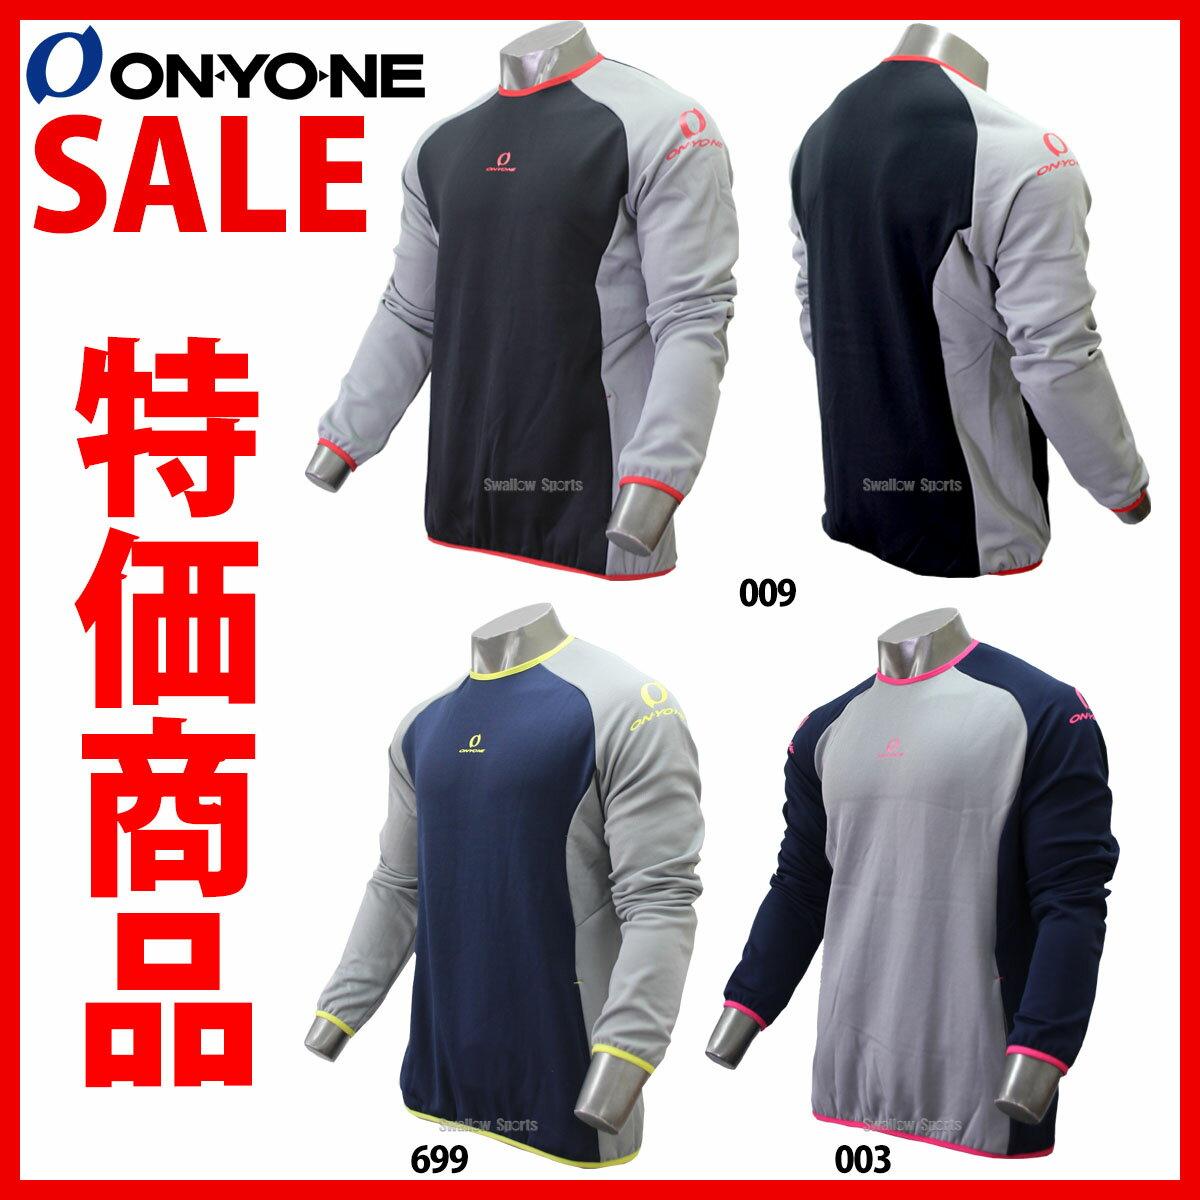 【あす楽対応】 オンヨネ インナーフリースプルオーバー シャツ OKJ98204 ウエア ウェア グランドコート 野球用品 スワロースポーツ